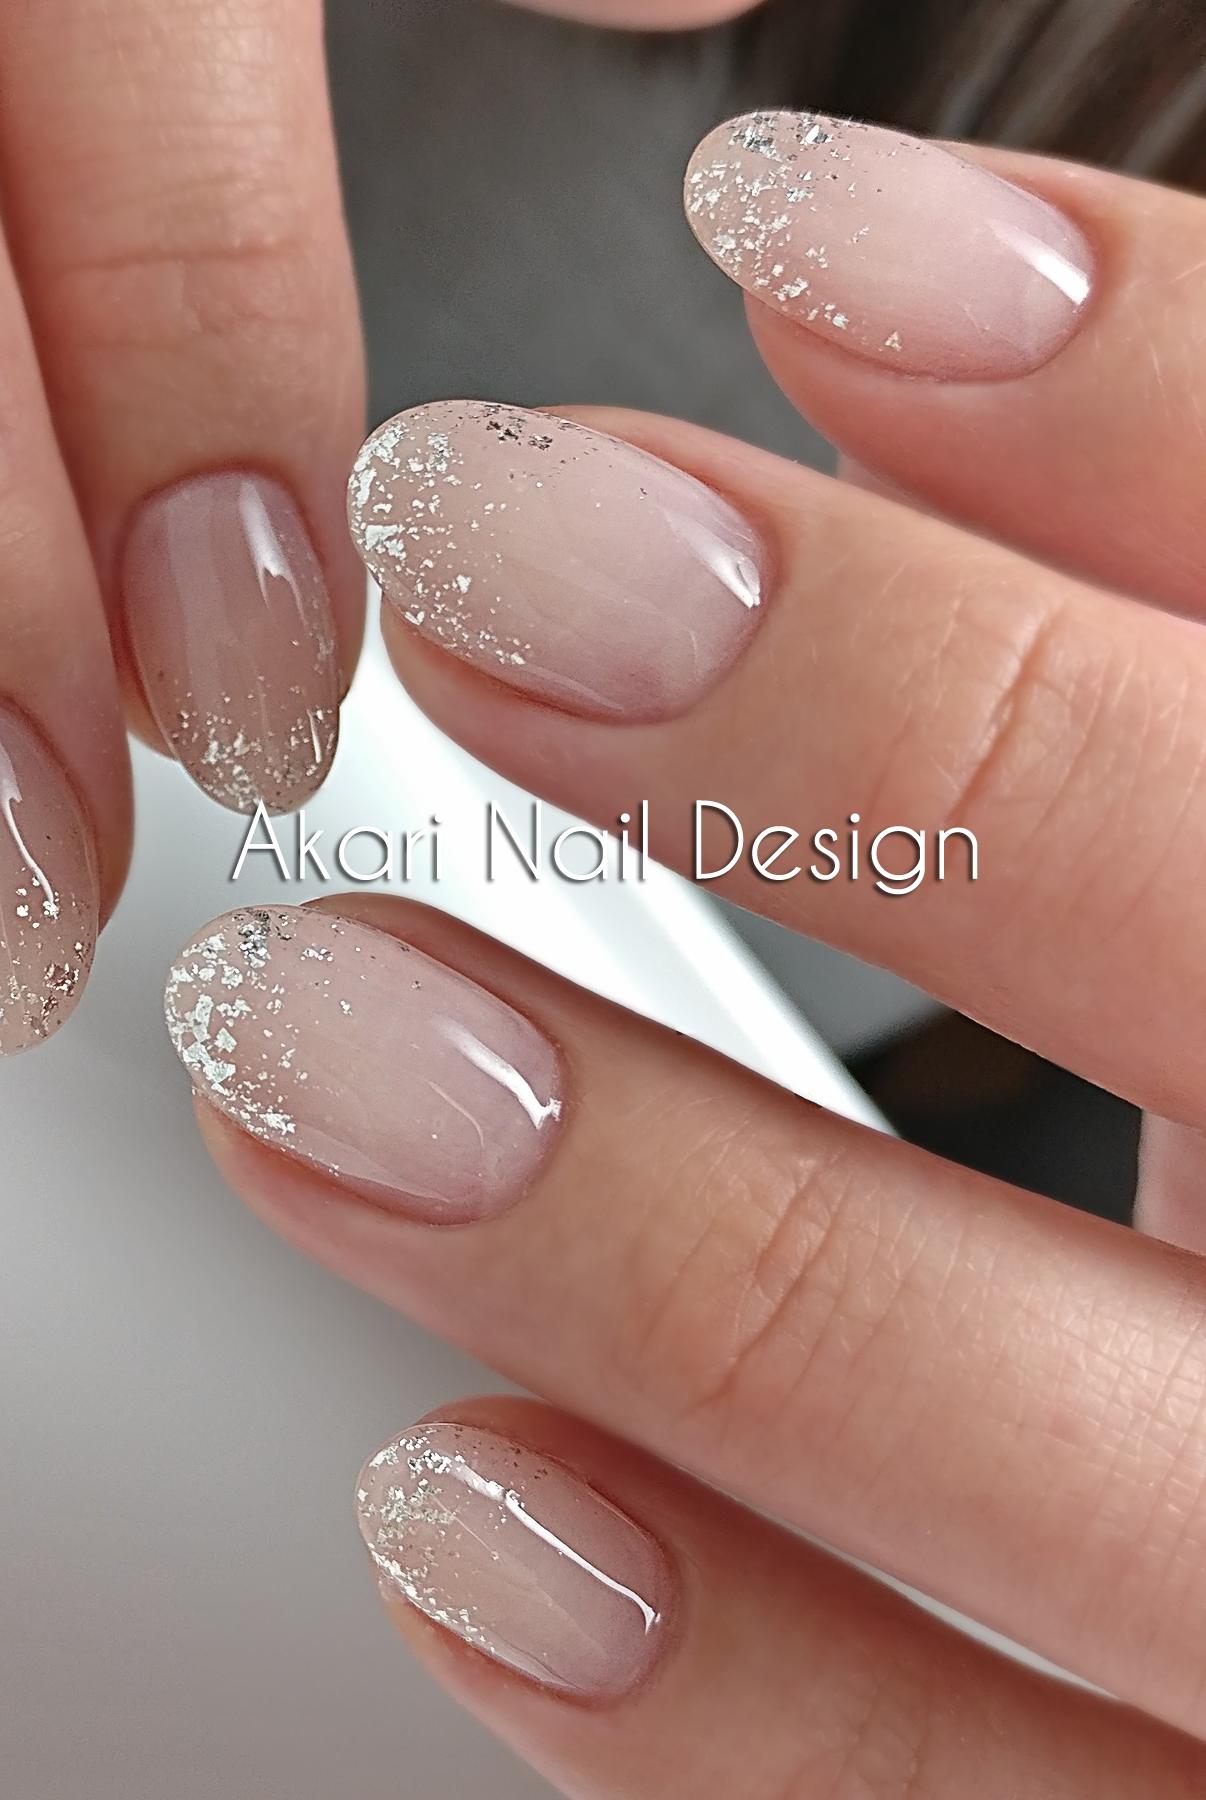 Akari Nail Design Photo Bride Nails Gold Nail Art Nail Art Wedding